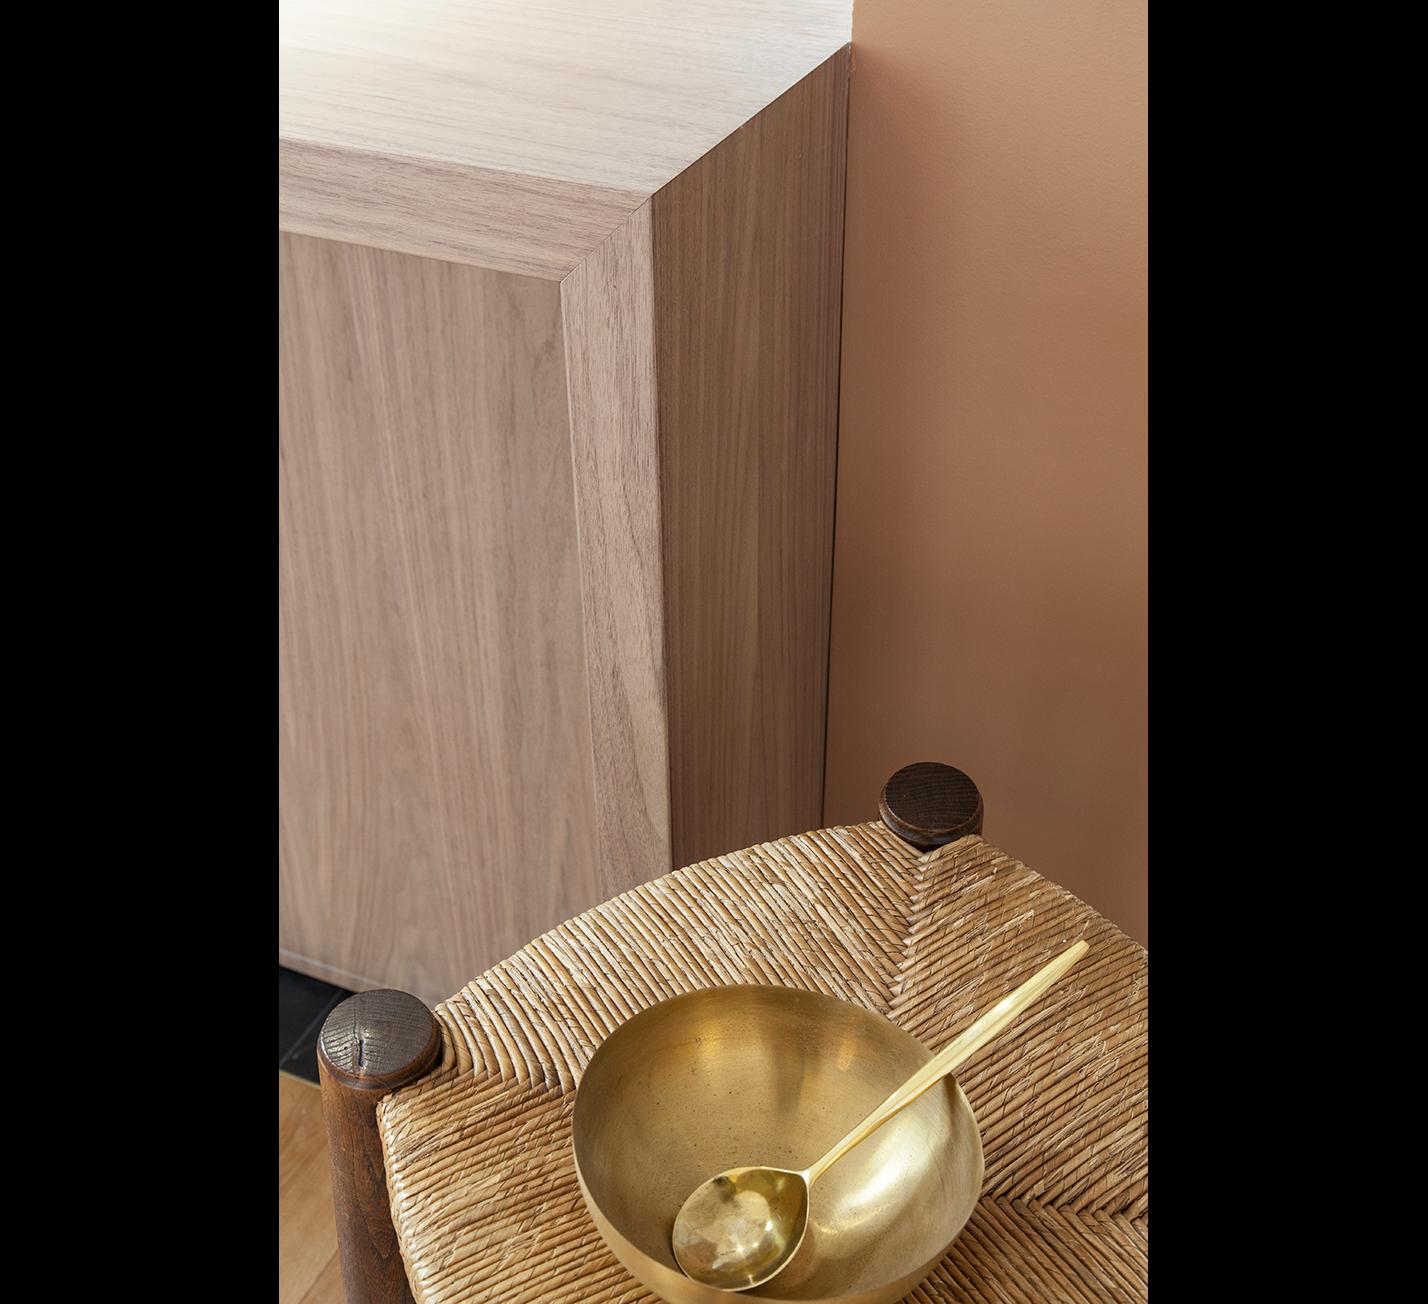 Projet-Pigalle-Atelier-Steve-Pauline-Borgia-Architecture-interieur-21